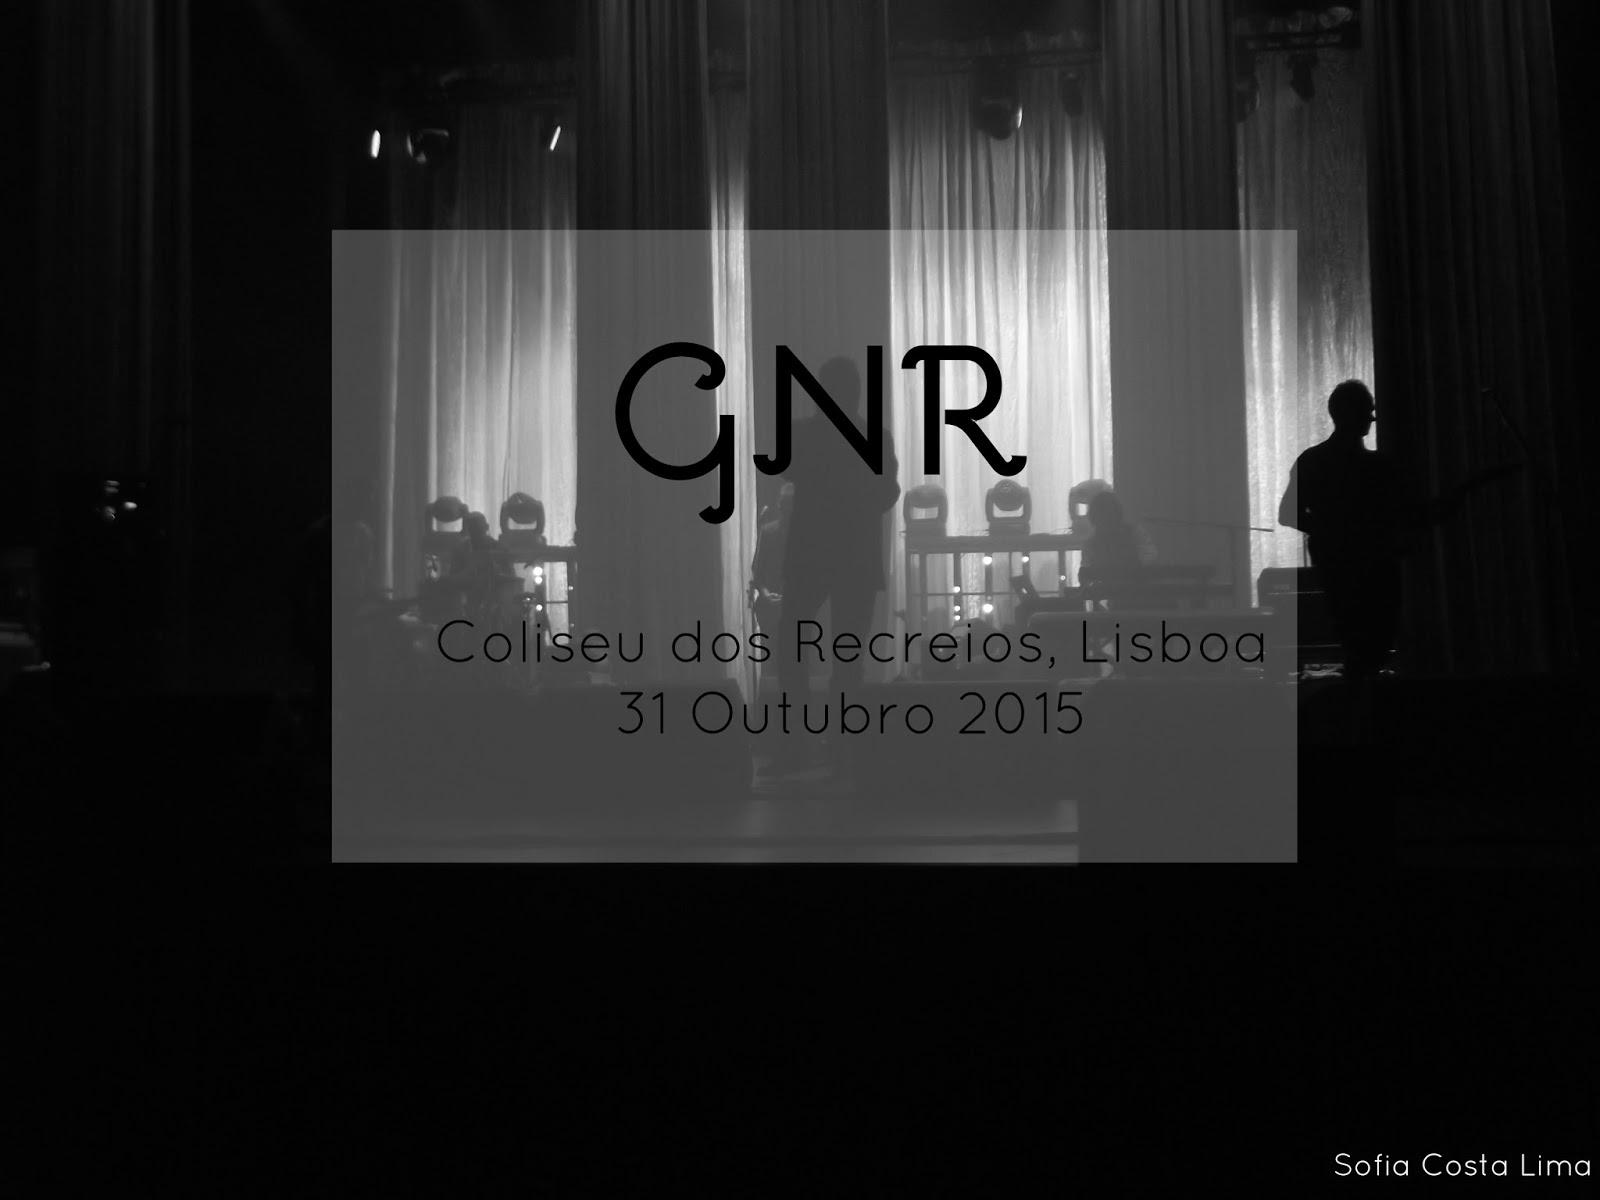 GNR ao vivo no Coliseu dos Recreios, Lisboa, 2015.